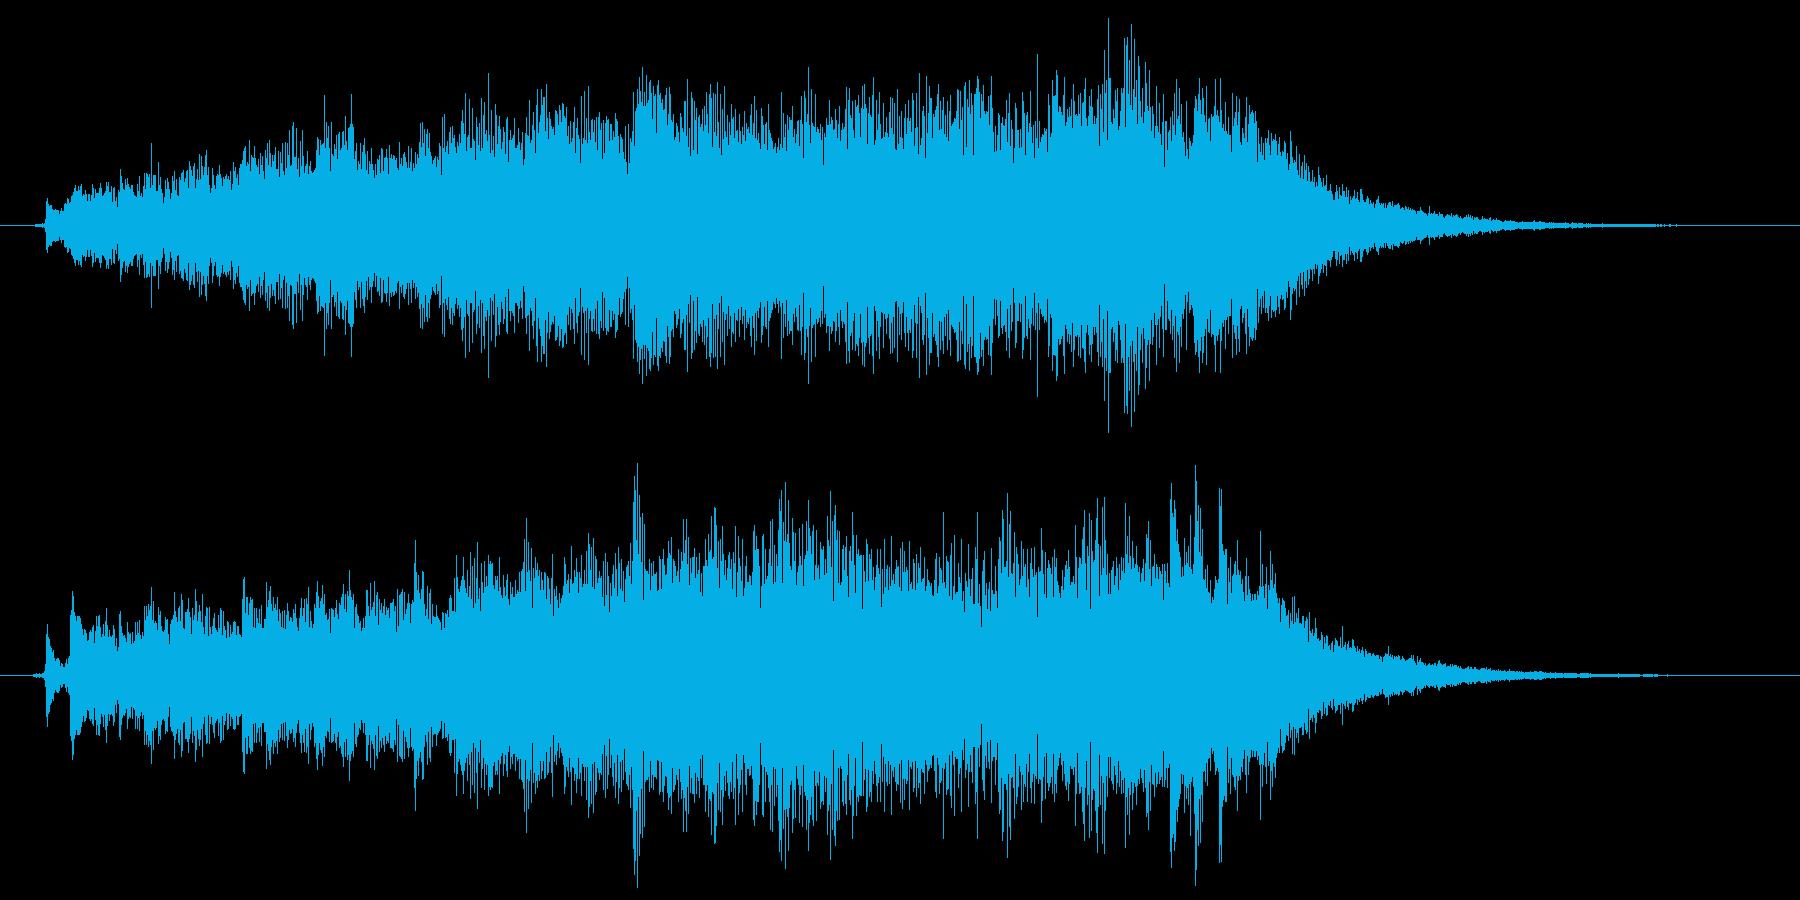 ピアノとストリングスの爽やかサウンドロゴの再生済みの波形